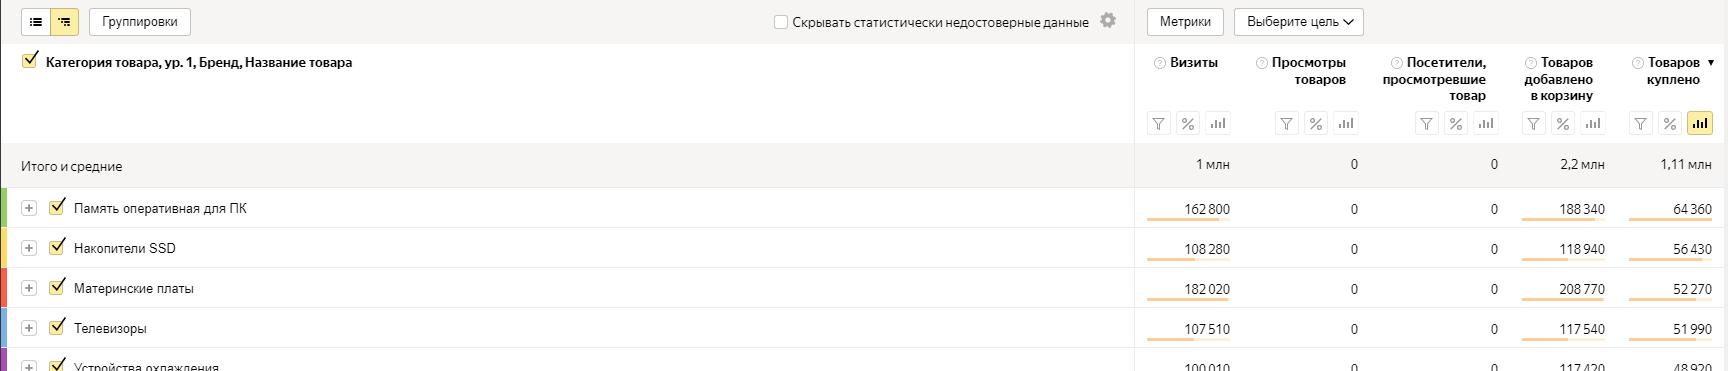 Отчет «Популярные категории и бренды» в Яндекс.Метрике